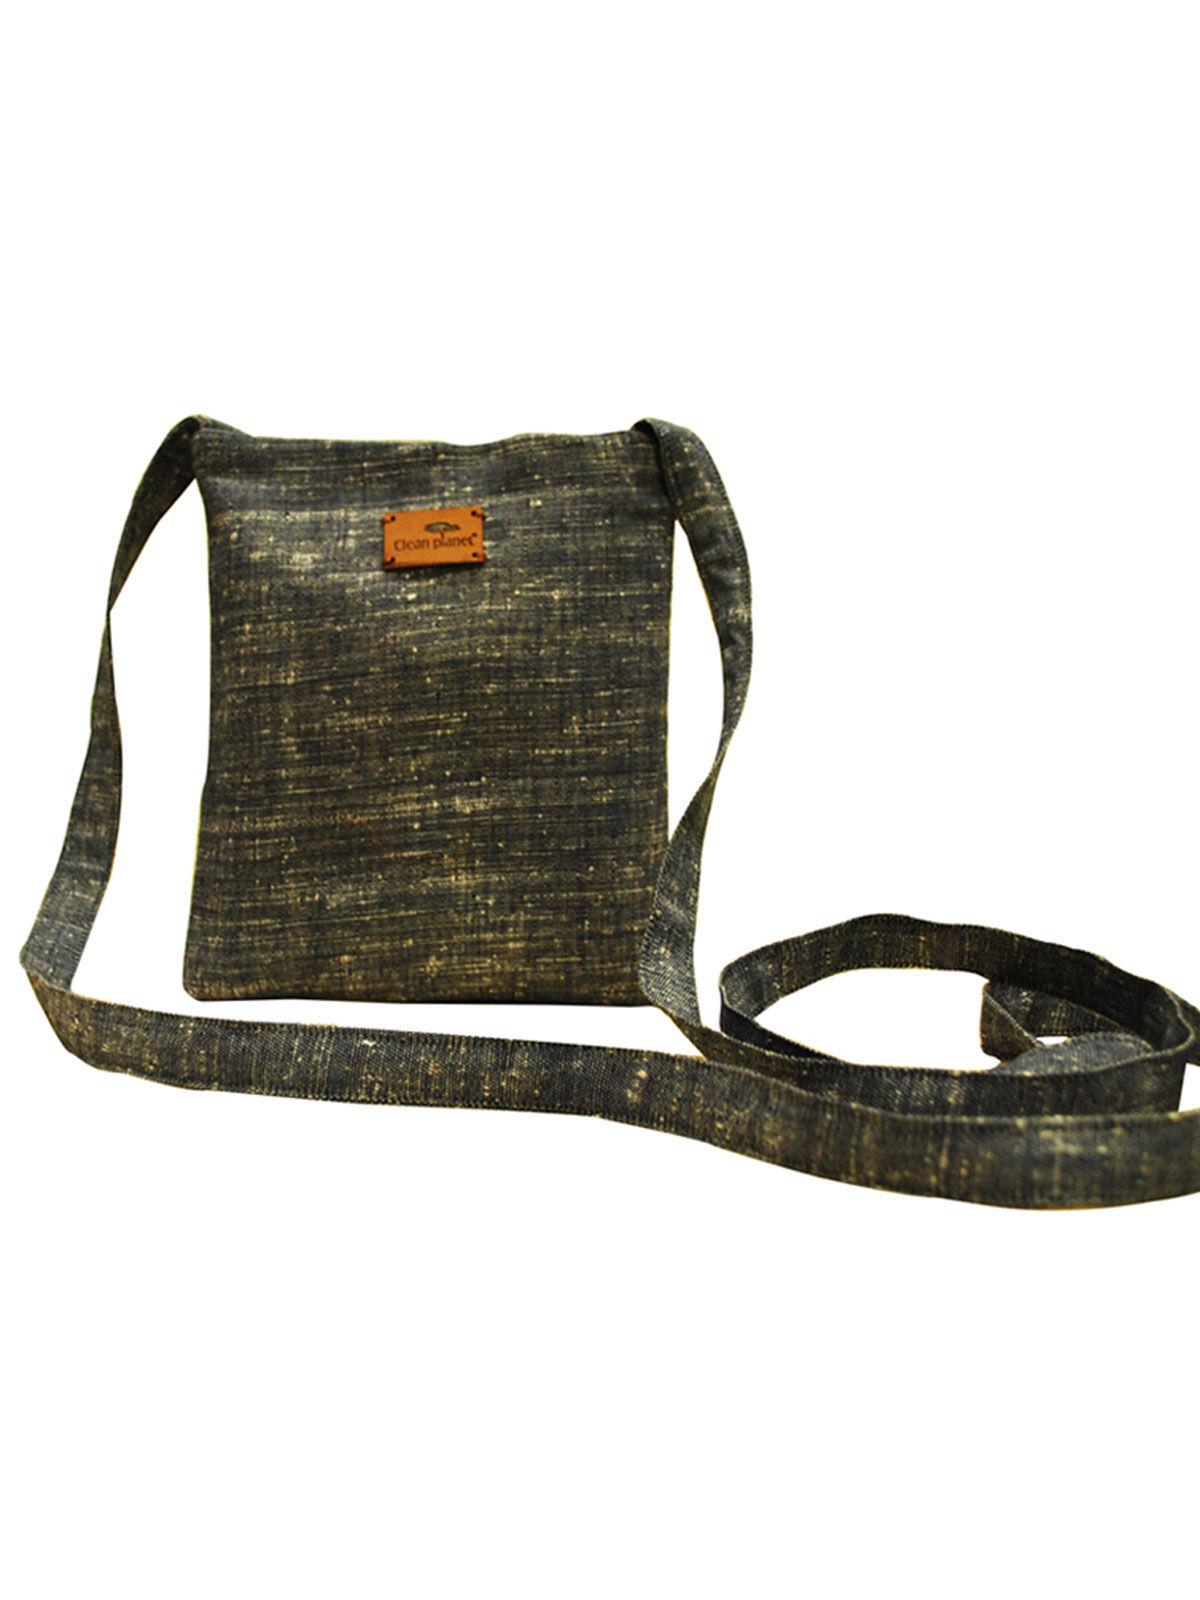 Khadi Sling Bag